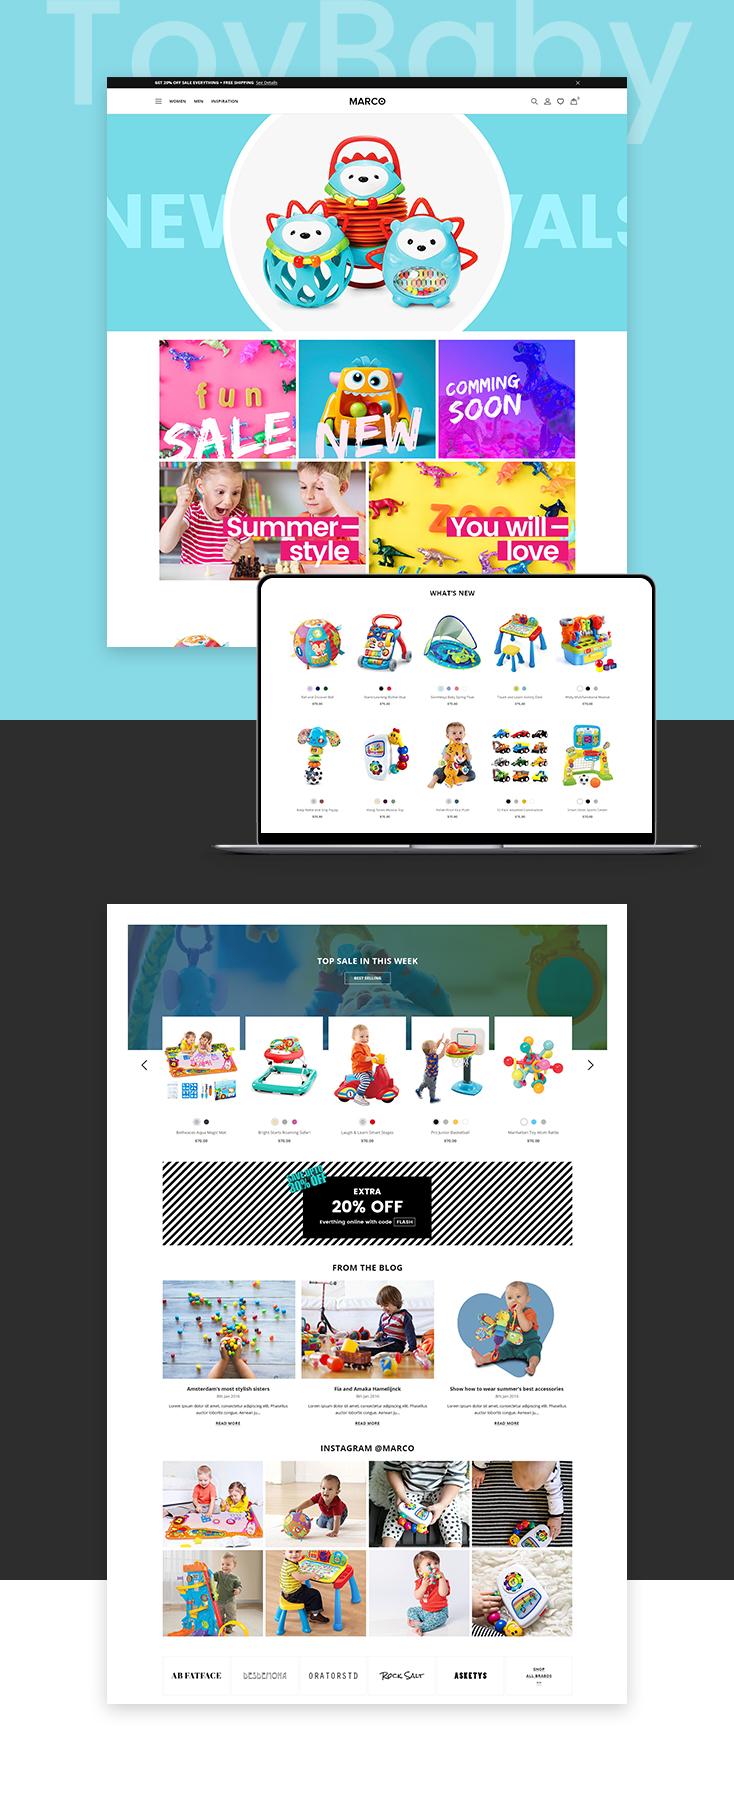 Marco Toys Shopify theme design